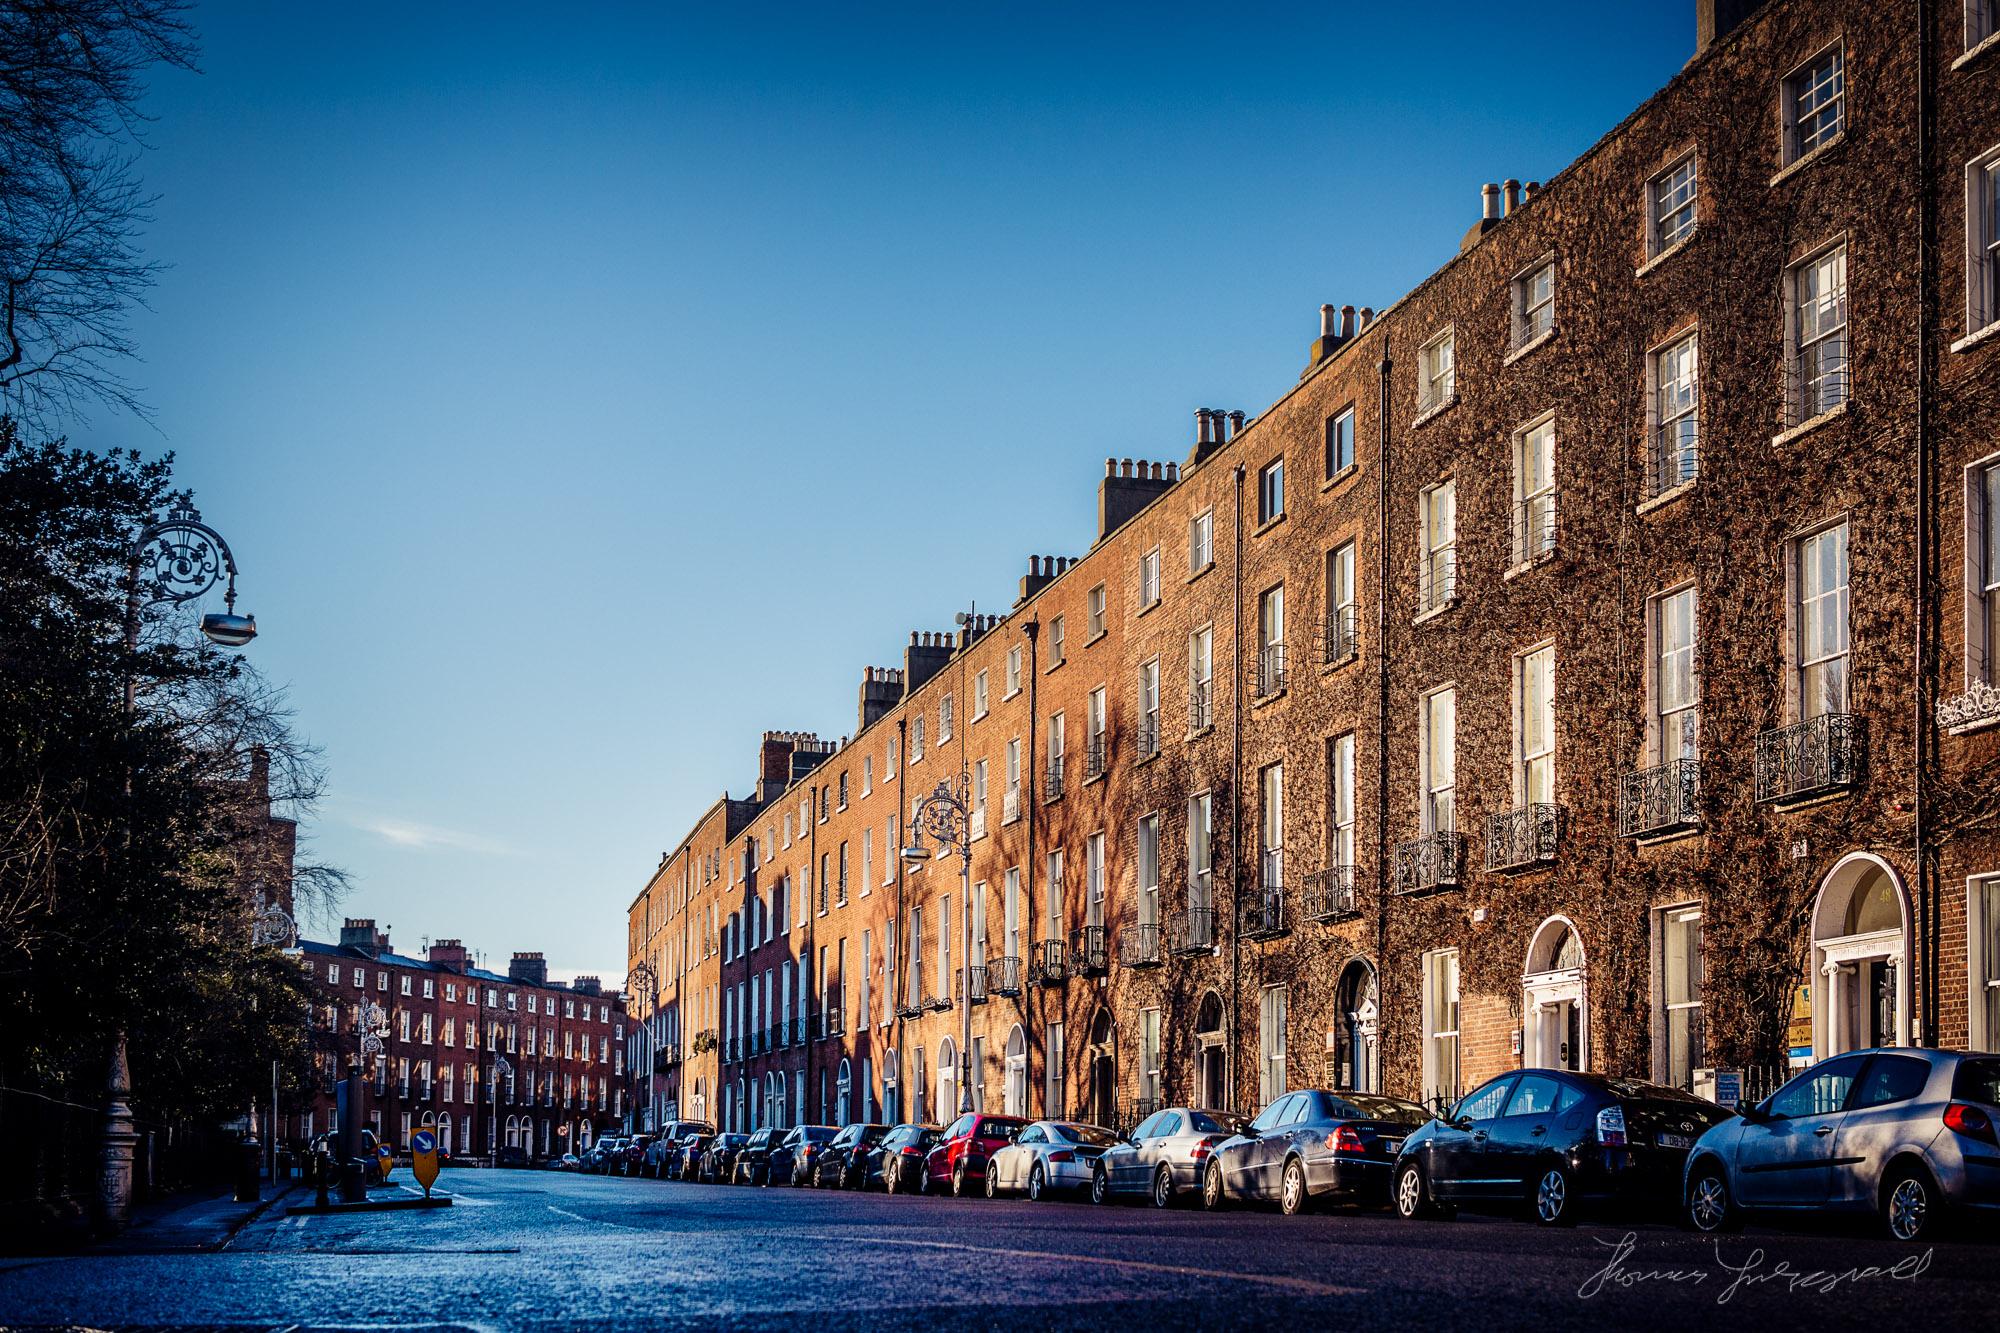 Pembroke Street in the beautiful light of the Irish winter morni